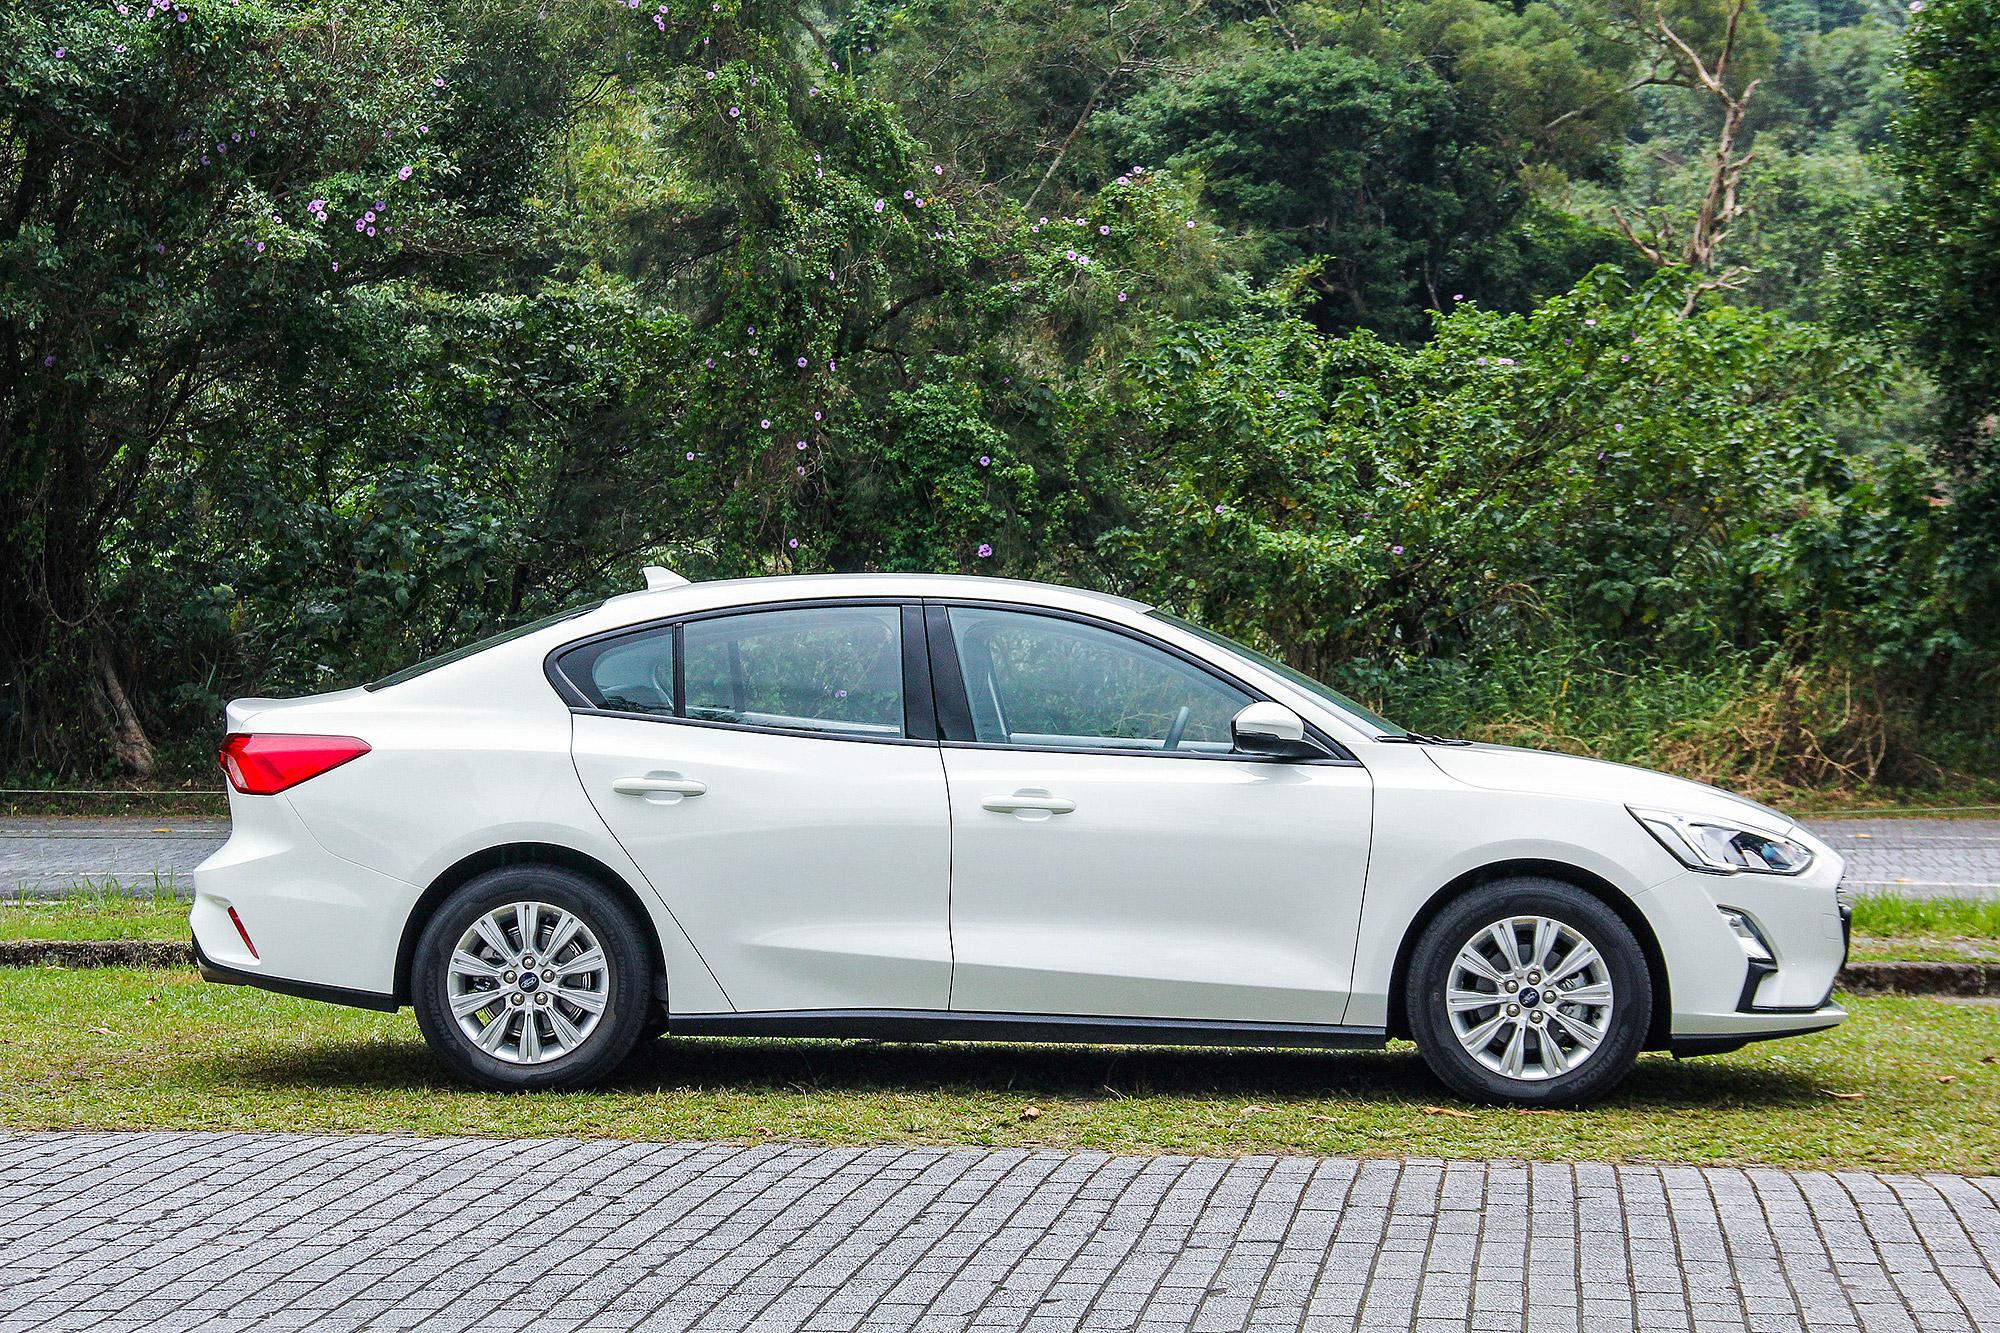 比起一般的國產小型房車, Focus 4D 美夢型最大的優勢在於車身尺碼大上一號。